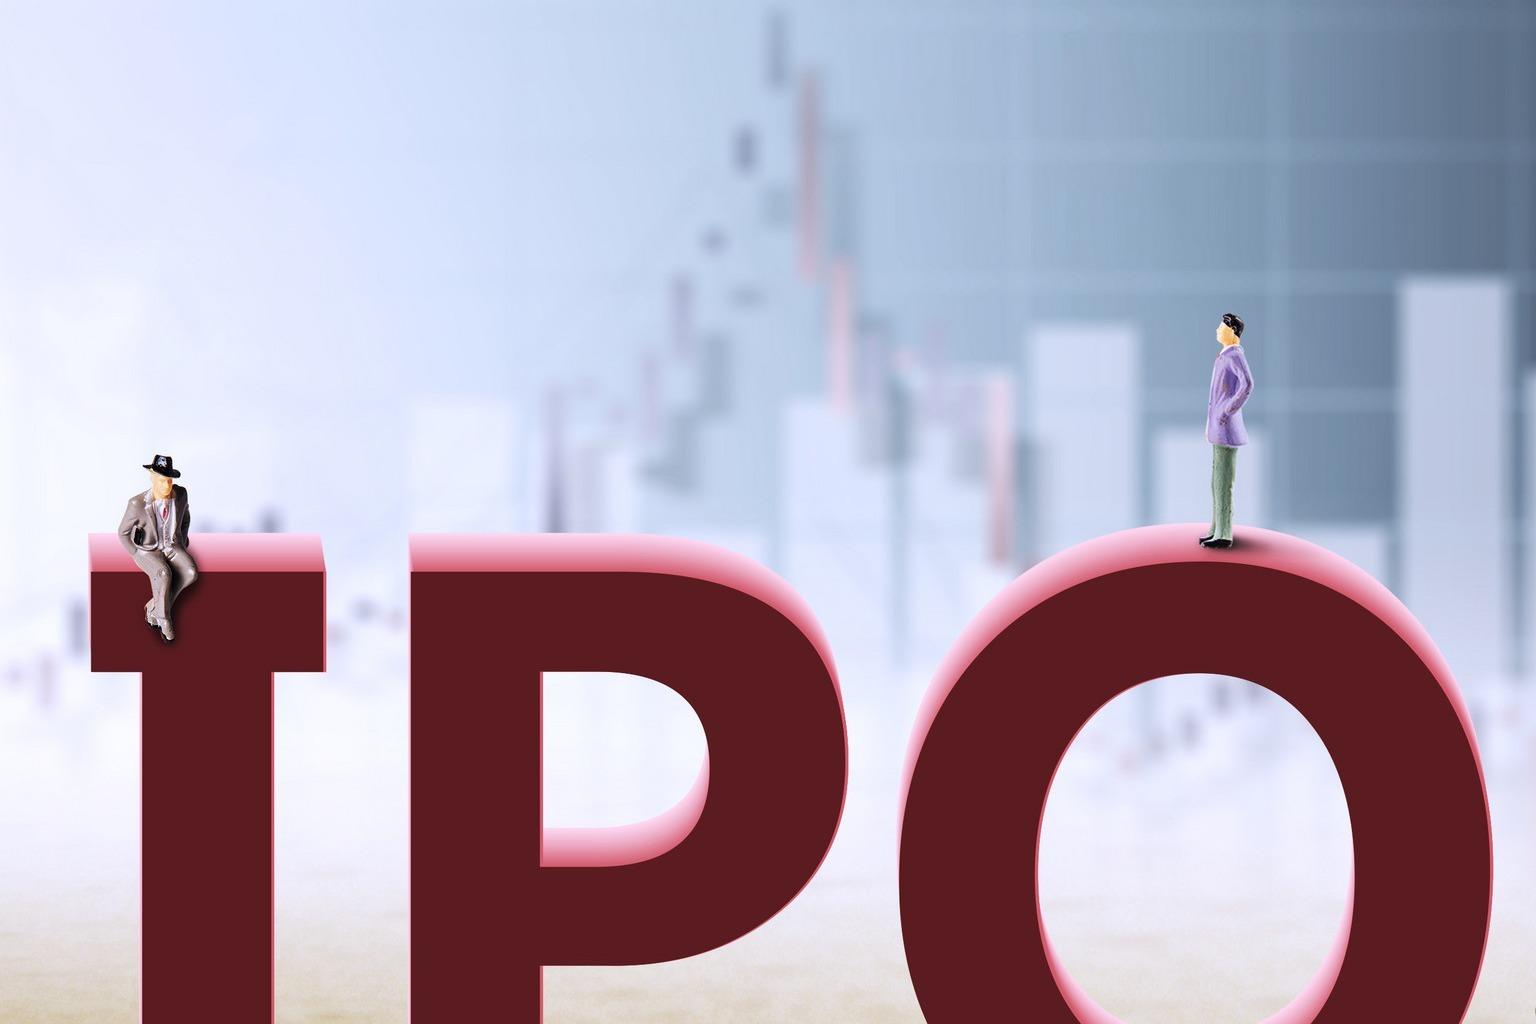 恐龙园四年三闯IPO 强敌环伺之下何以续命